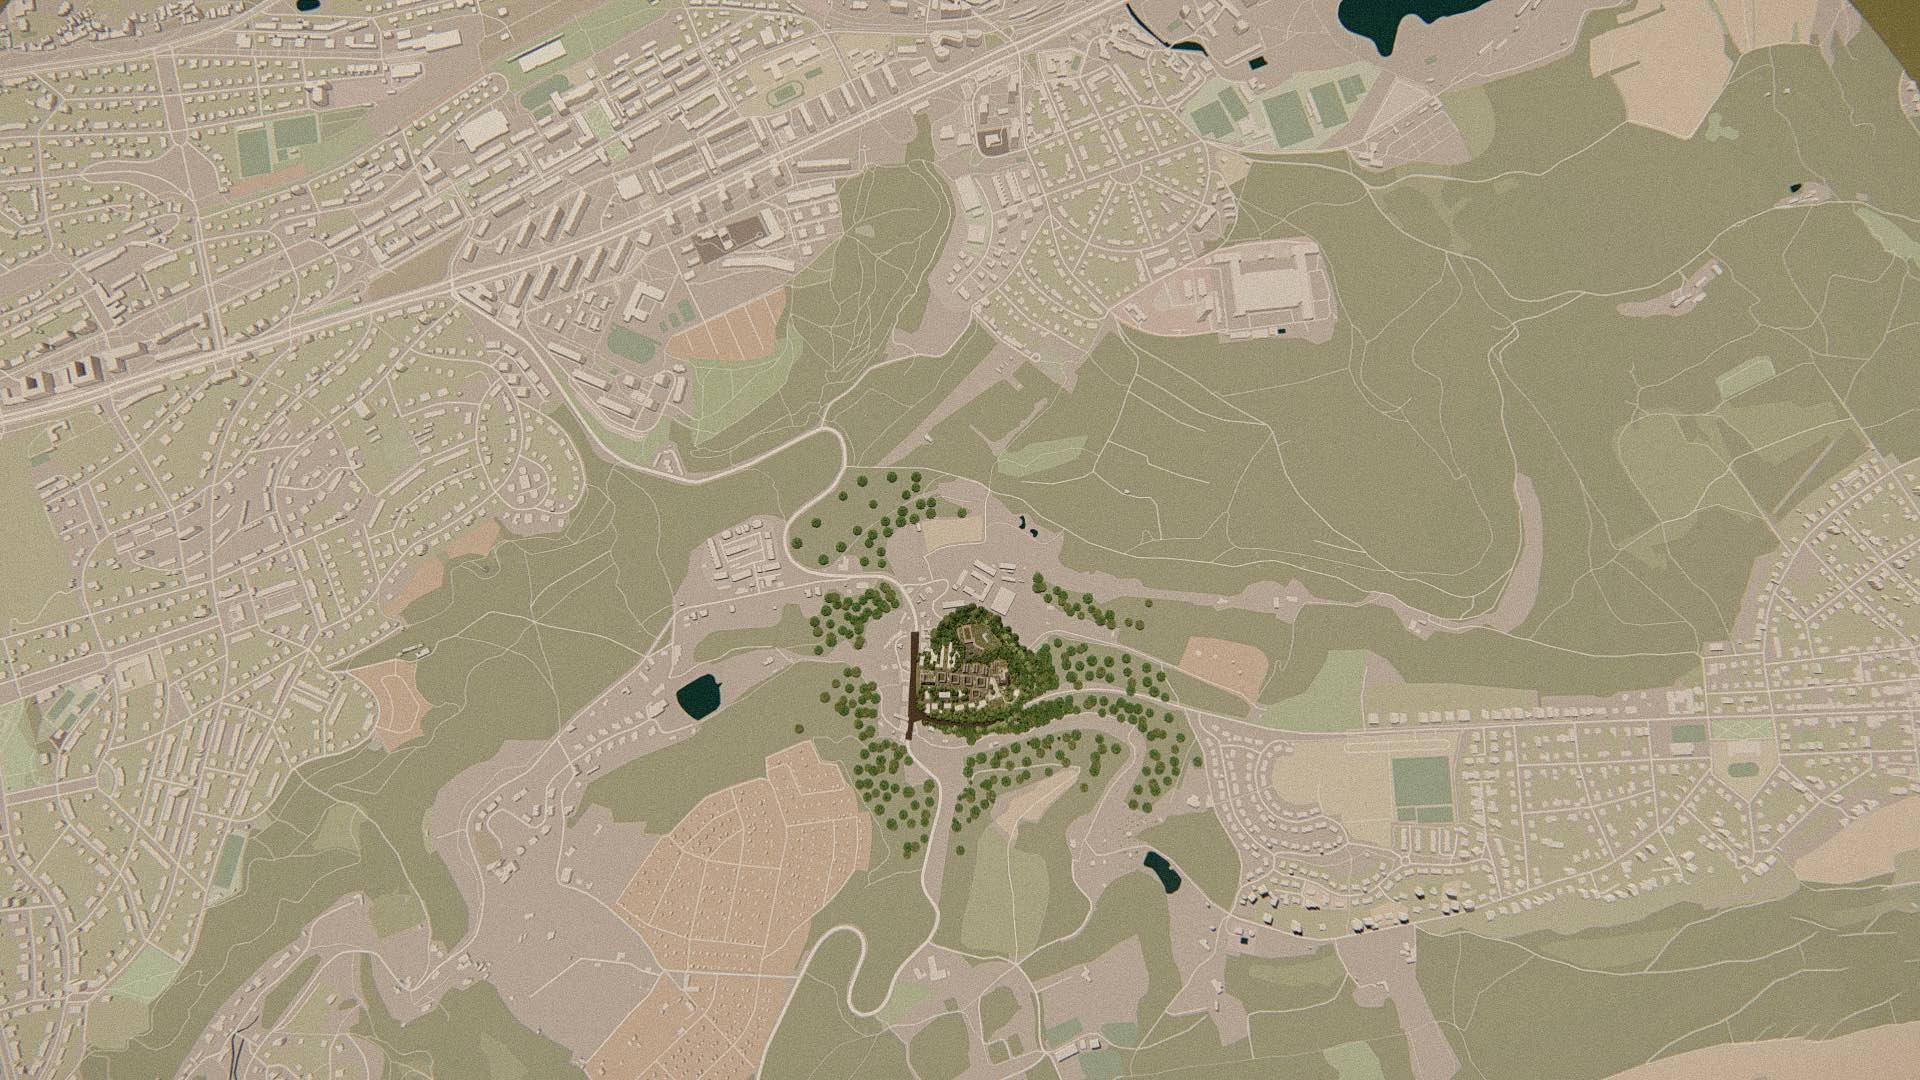 Rezidence Jenerálka KKCG - vizualizace situace - ptačí pohled. Autor: Kurz architekti